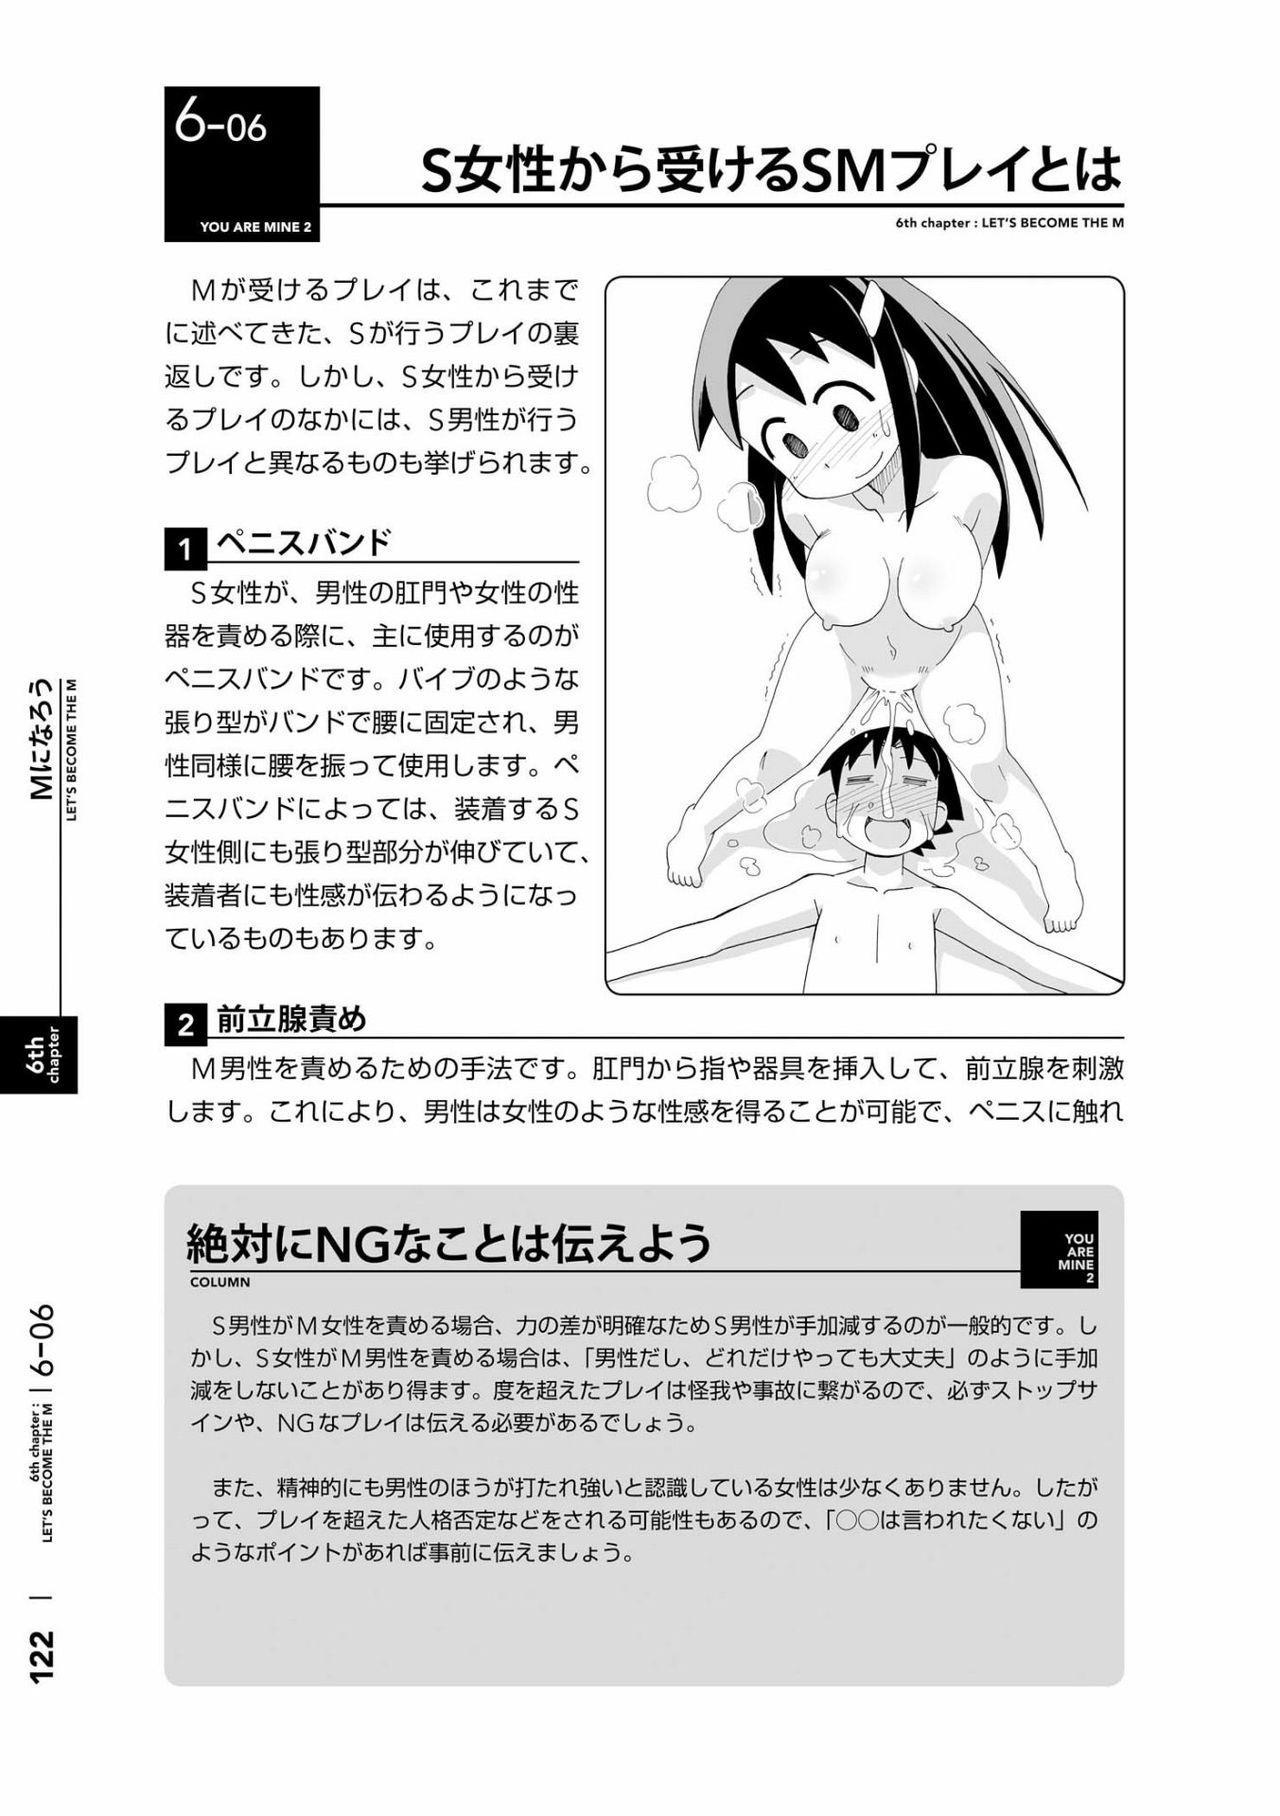 [Mitsuba] Karada mo Kokoro mo Boku no Mono ~Hajimete no SM Guide~ 2 [Digital] 124